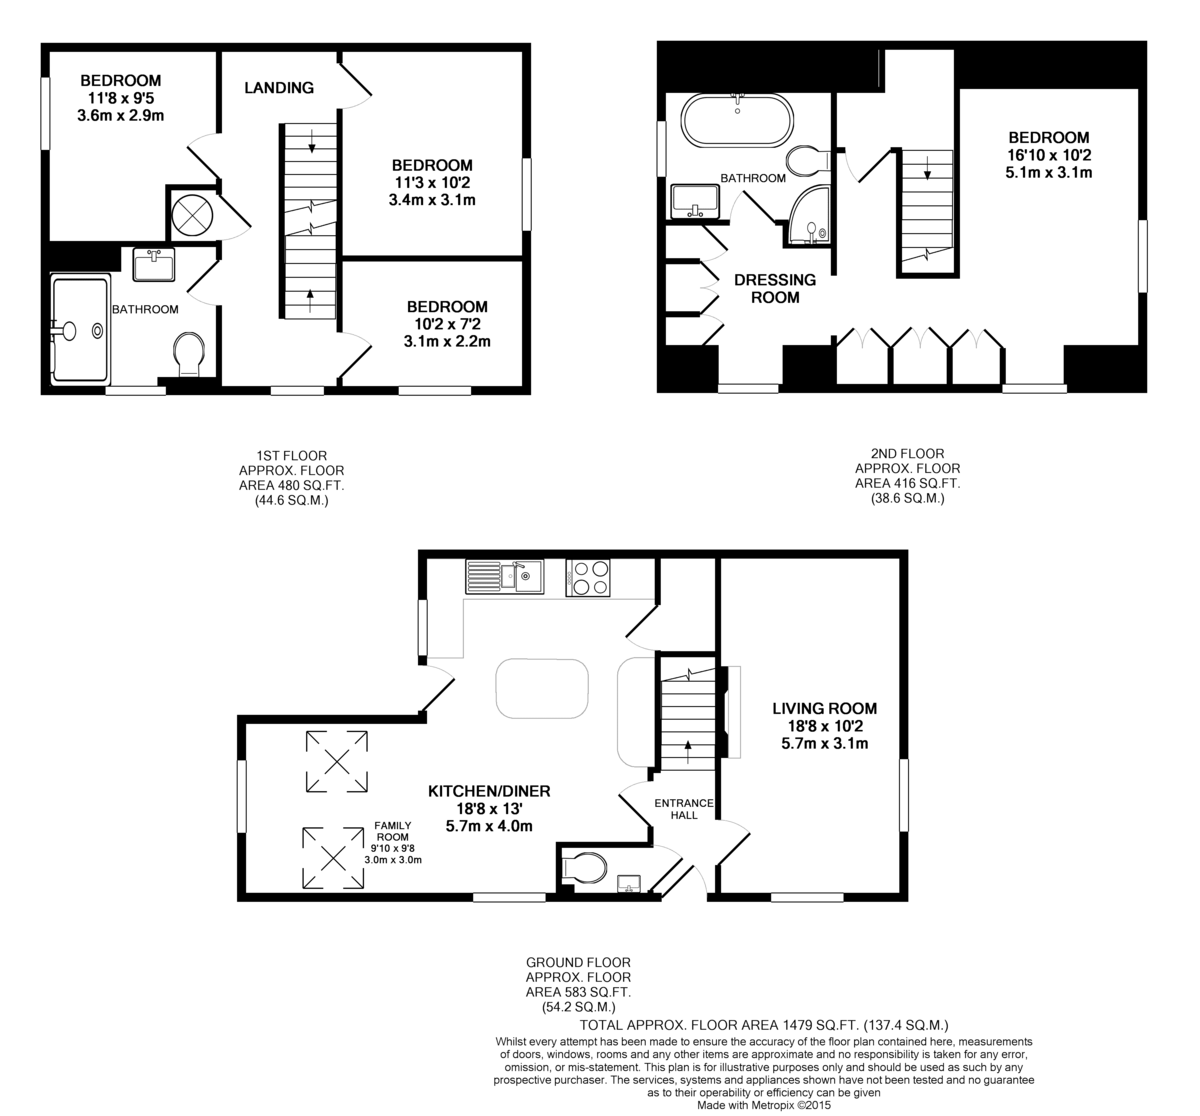 Madley Brook Lane Witney Ox28 4 Bedroom Detached House For Sale 39124083 Primelocation